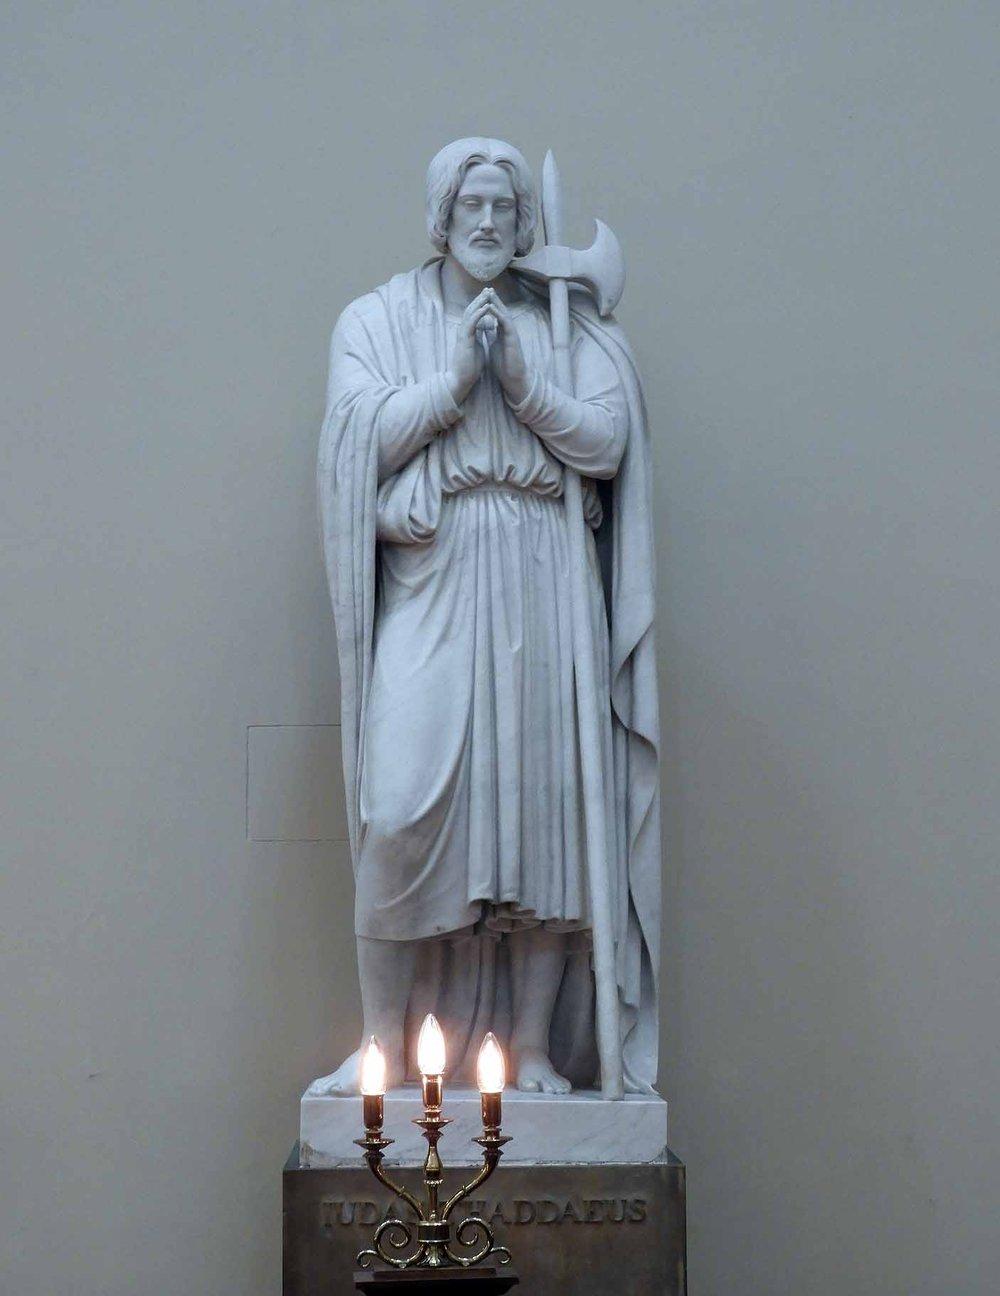 denmark-copenhagen-vor-frue-kirke-cathederal-apostle -judas-thaddeaus.JPG